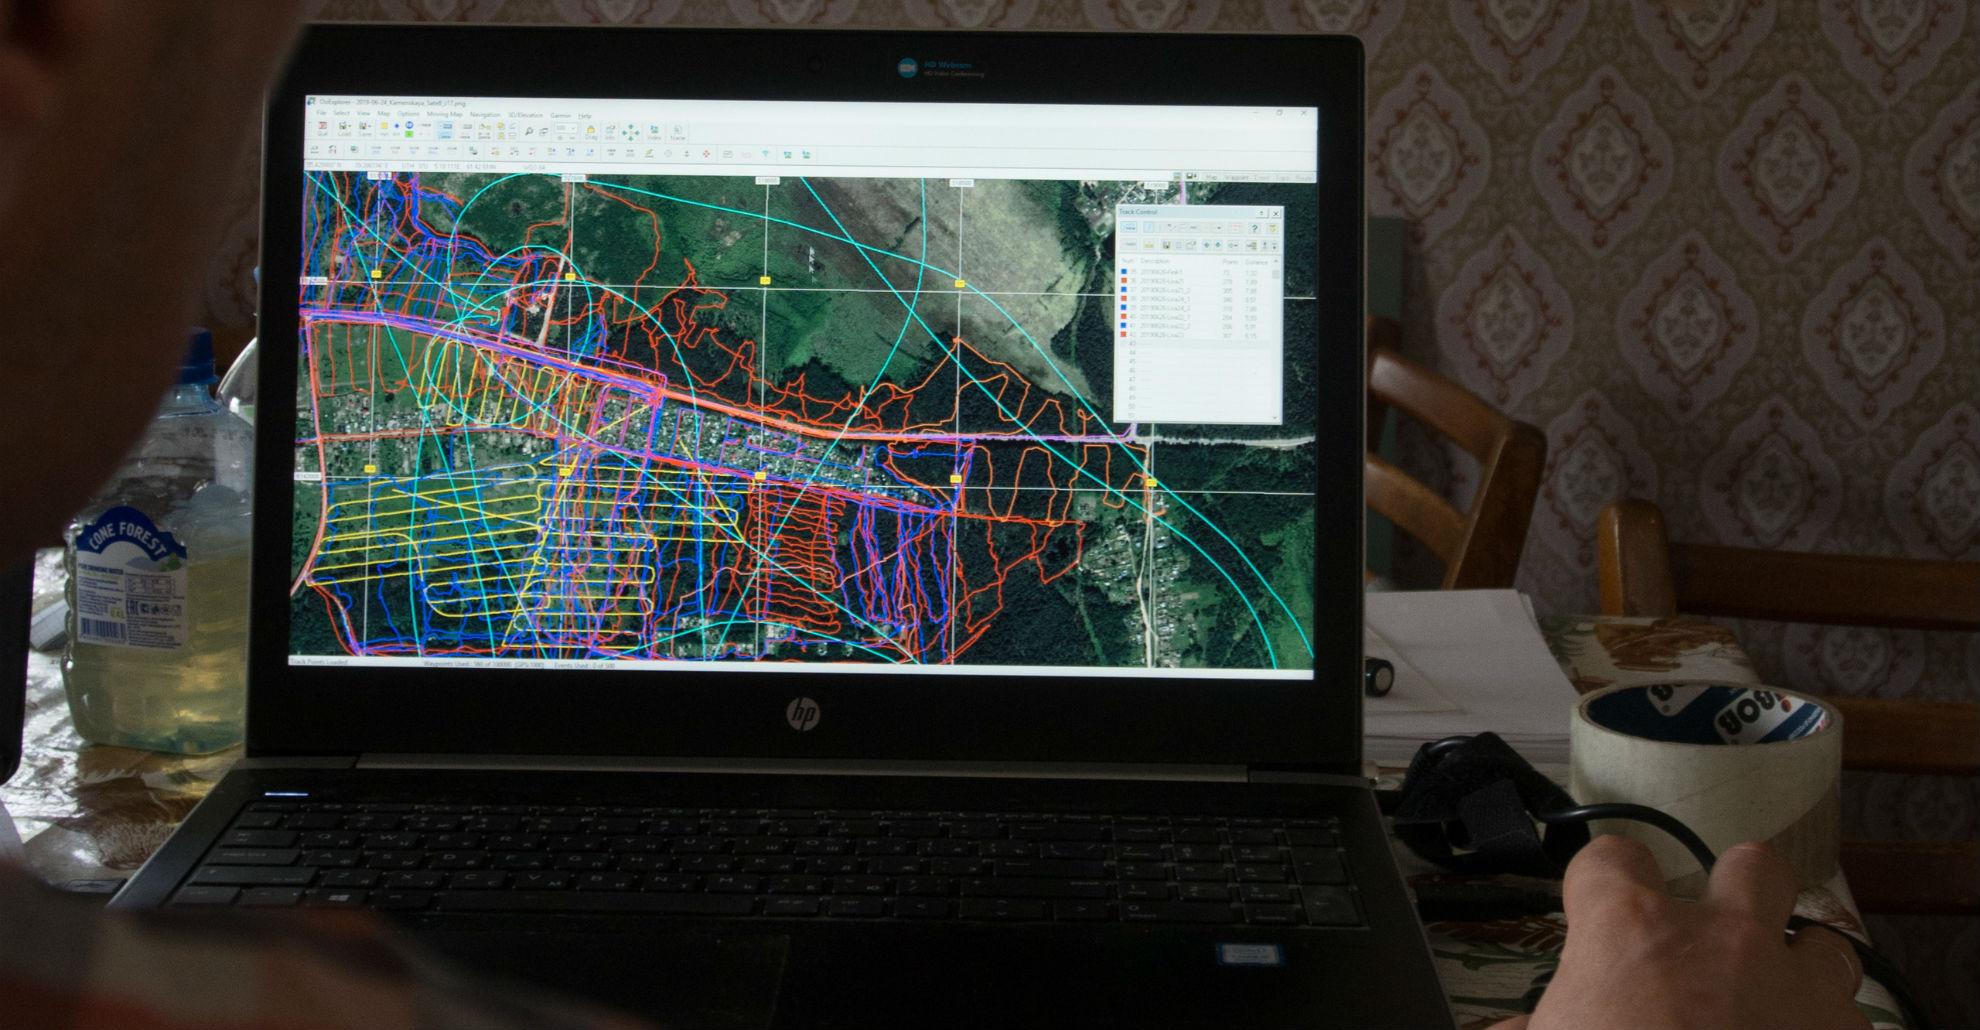 Лес не сдается технологиям поиска, но инженеры наносят ответный удар